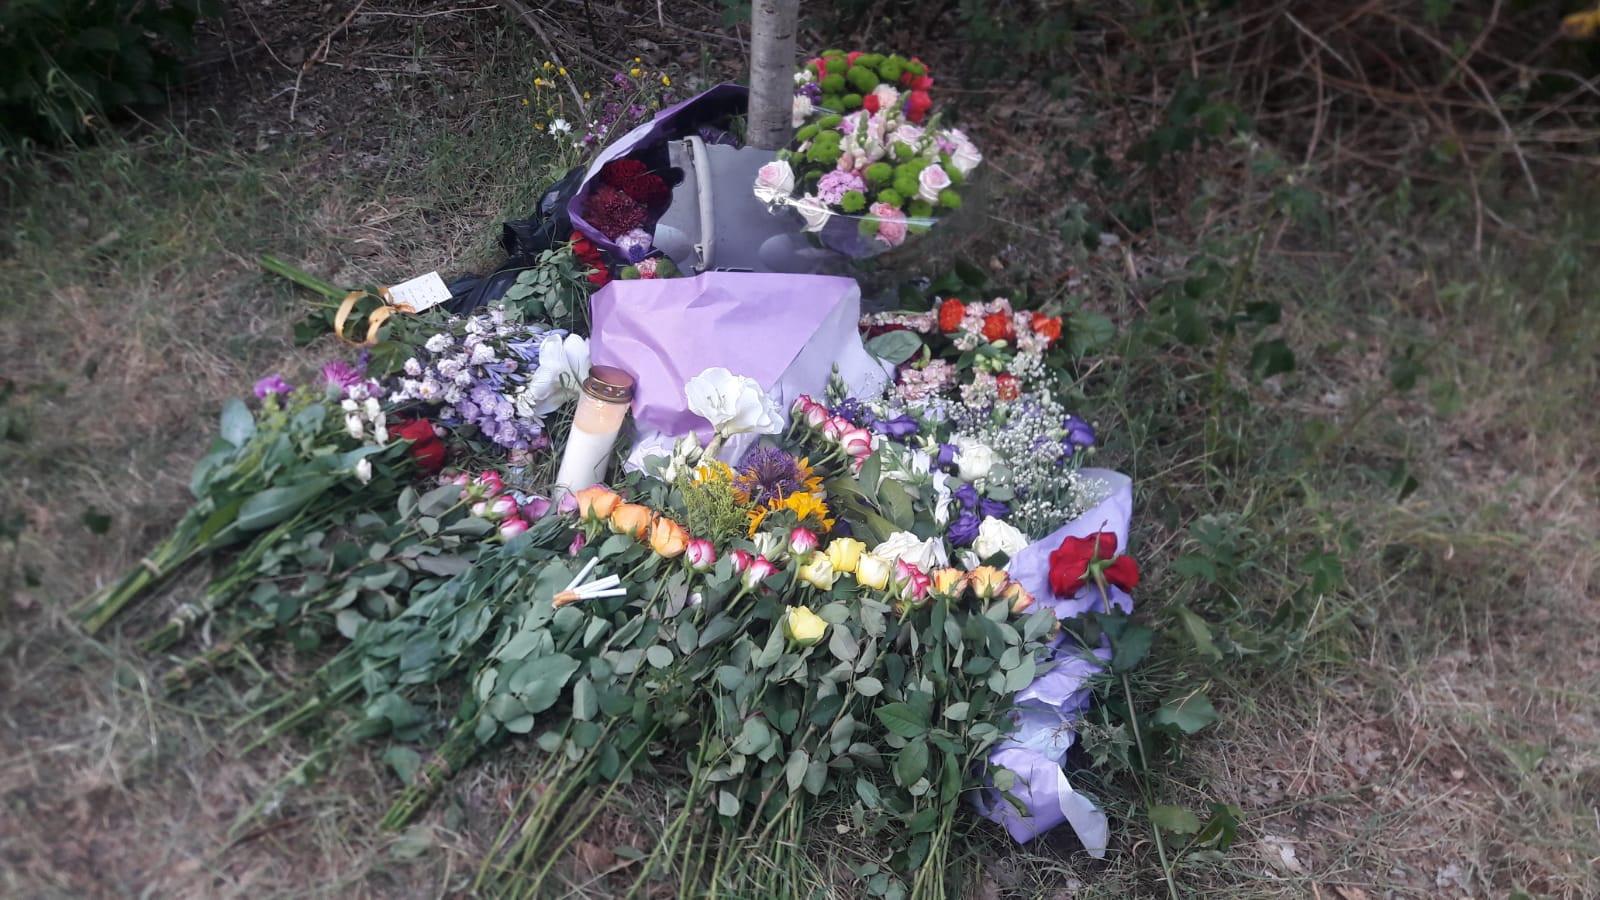 Bloemen op de plaats van het dodelijke ongeluk.